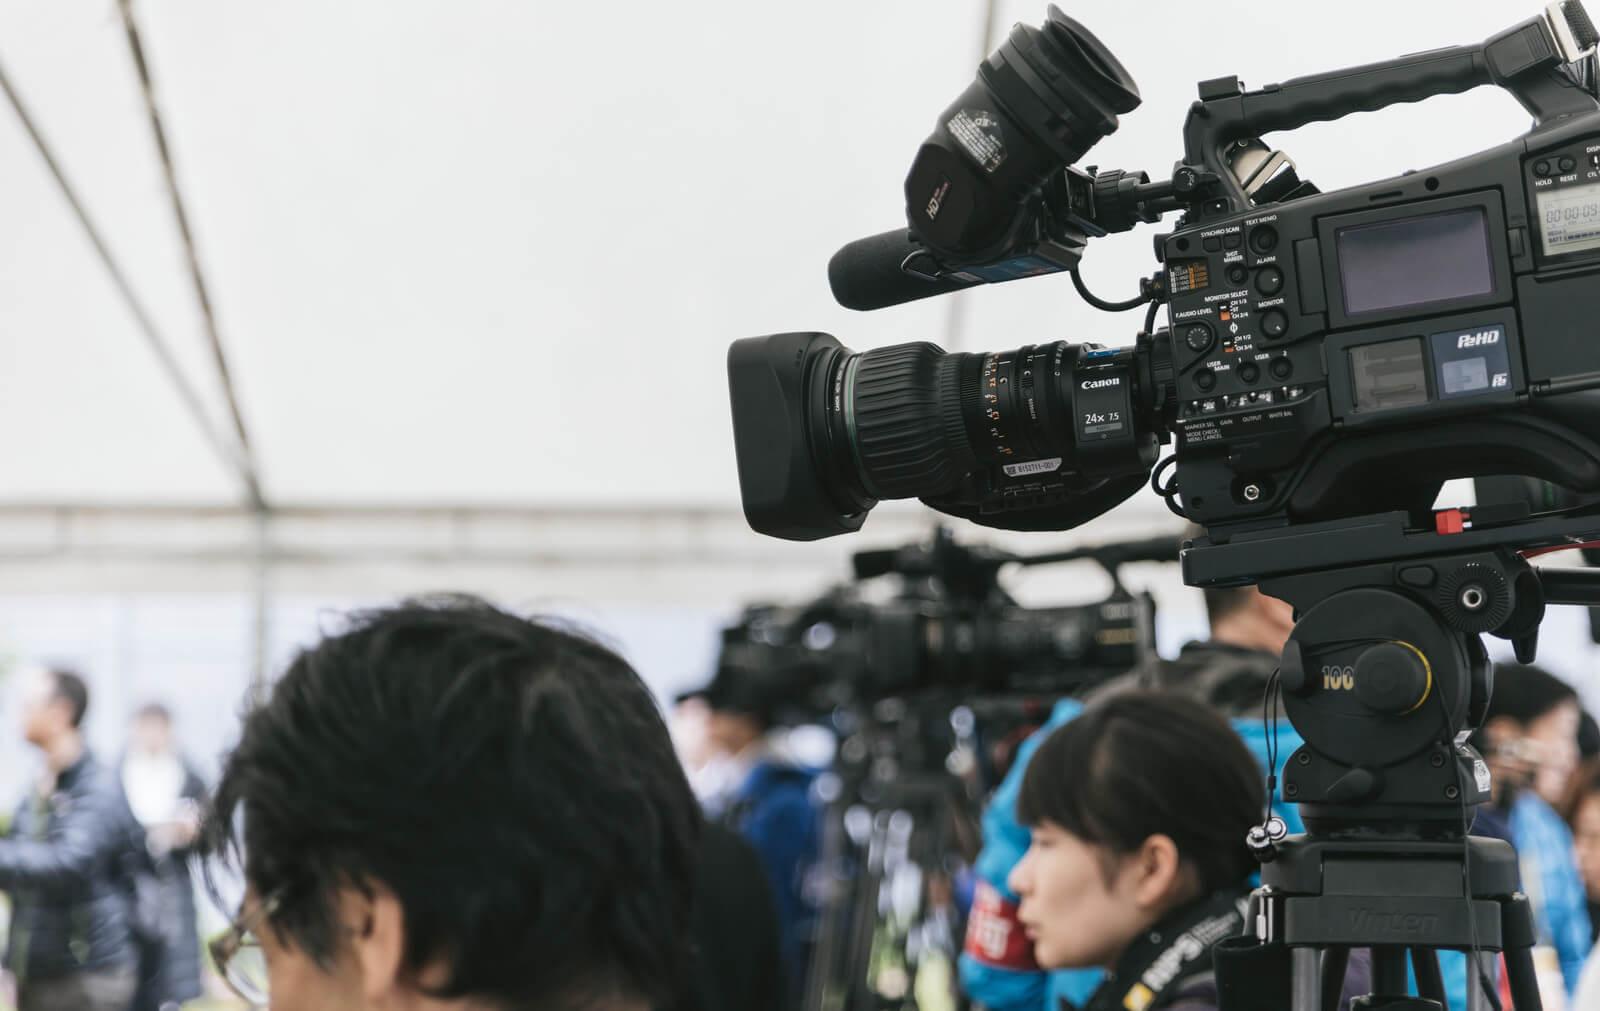 日大アメフト部会見:日大広報部の司会進行が信じられない言葉を連発!